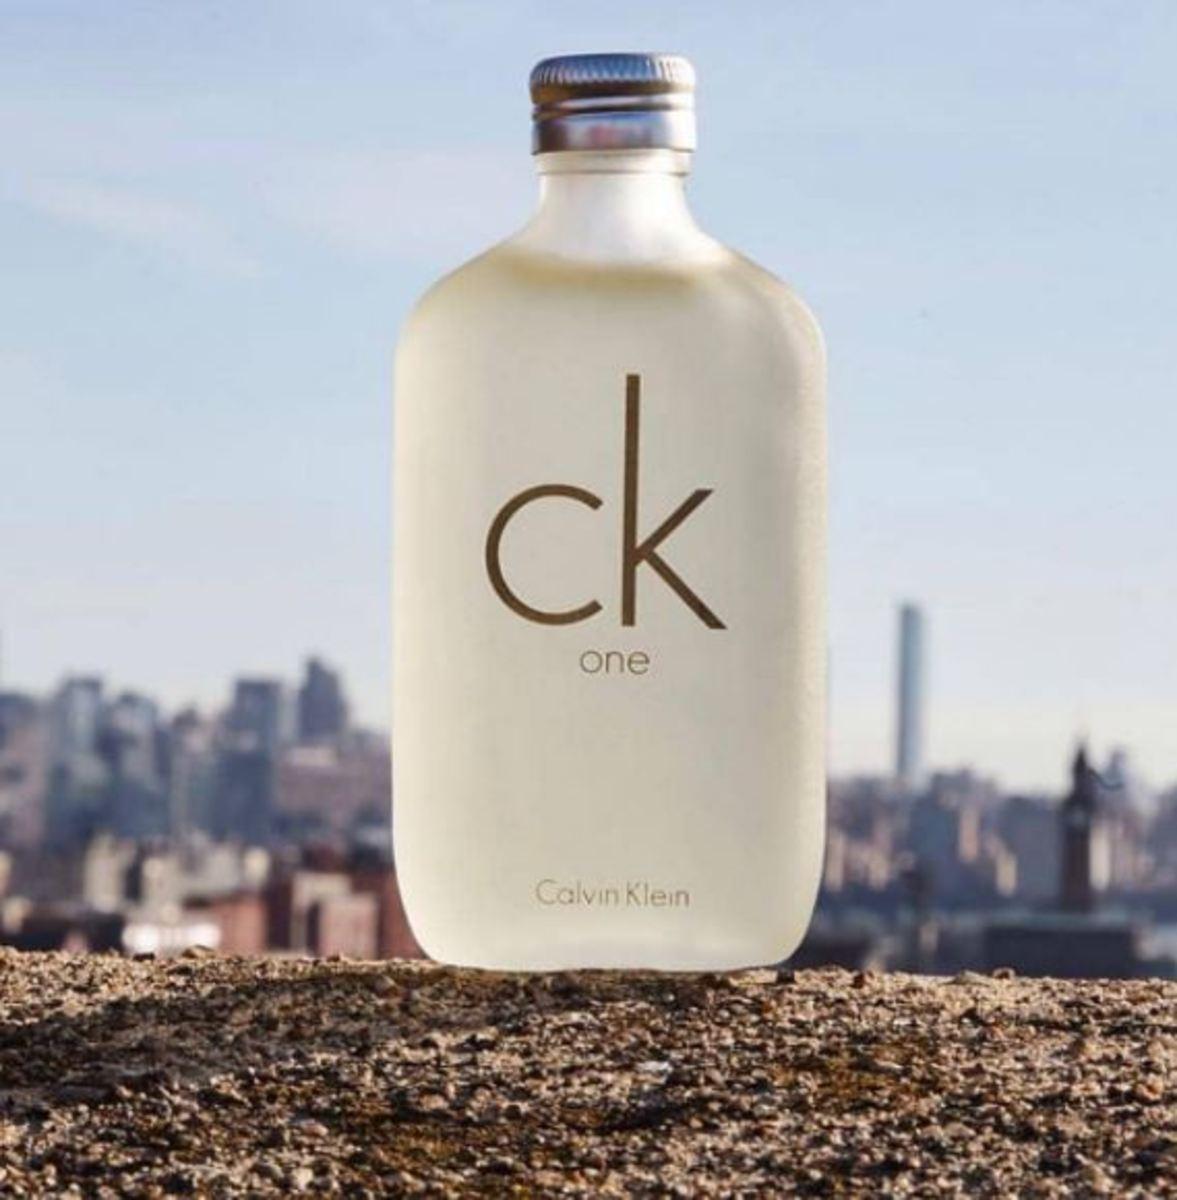 Calvin Klein CK ONE Unisex edt 200 ml